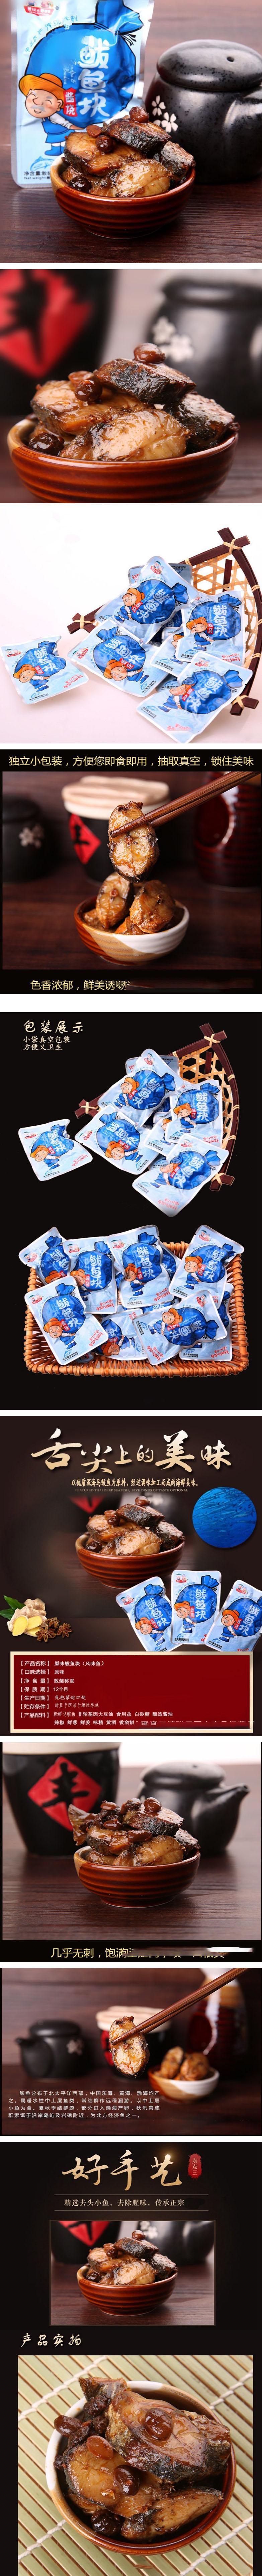 江苏特产  美食即食酱烧鲅鱼块香酥鲅鱼熏鲅鱼休闲零食500克